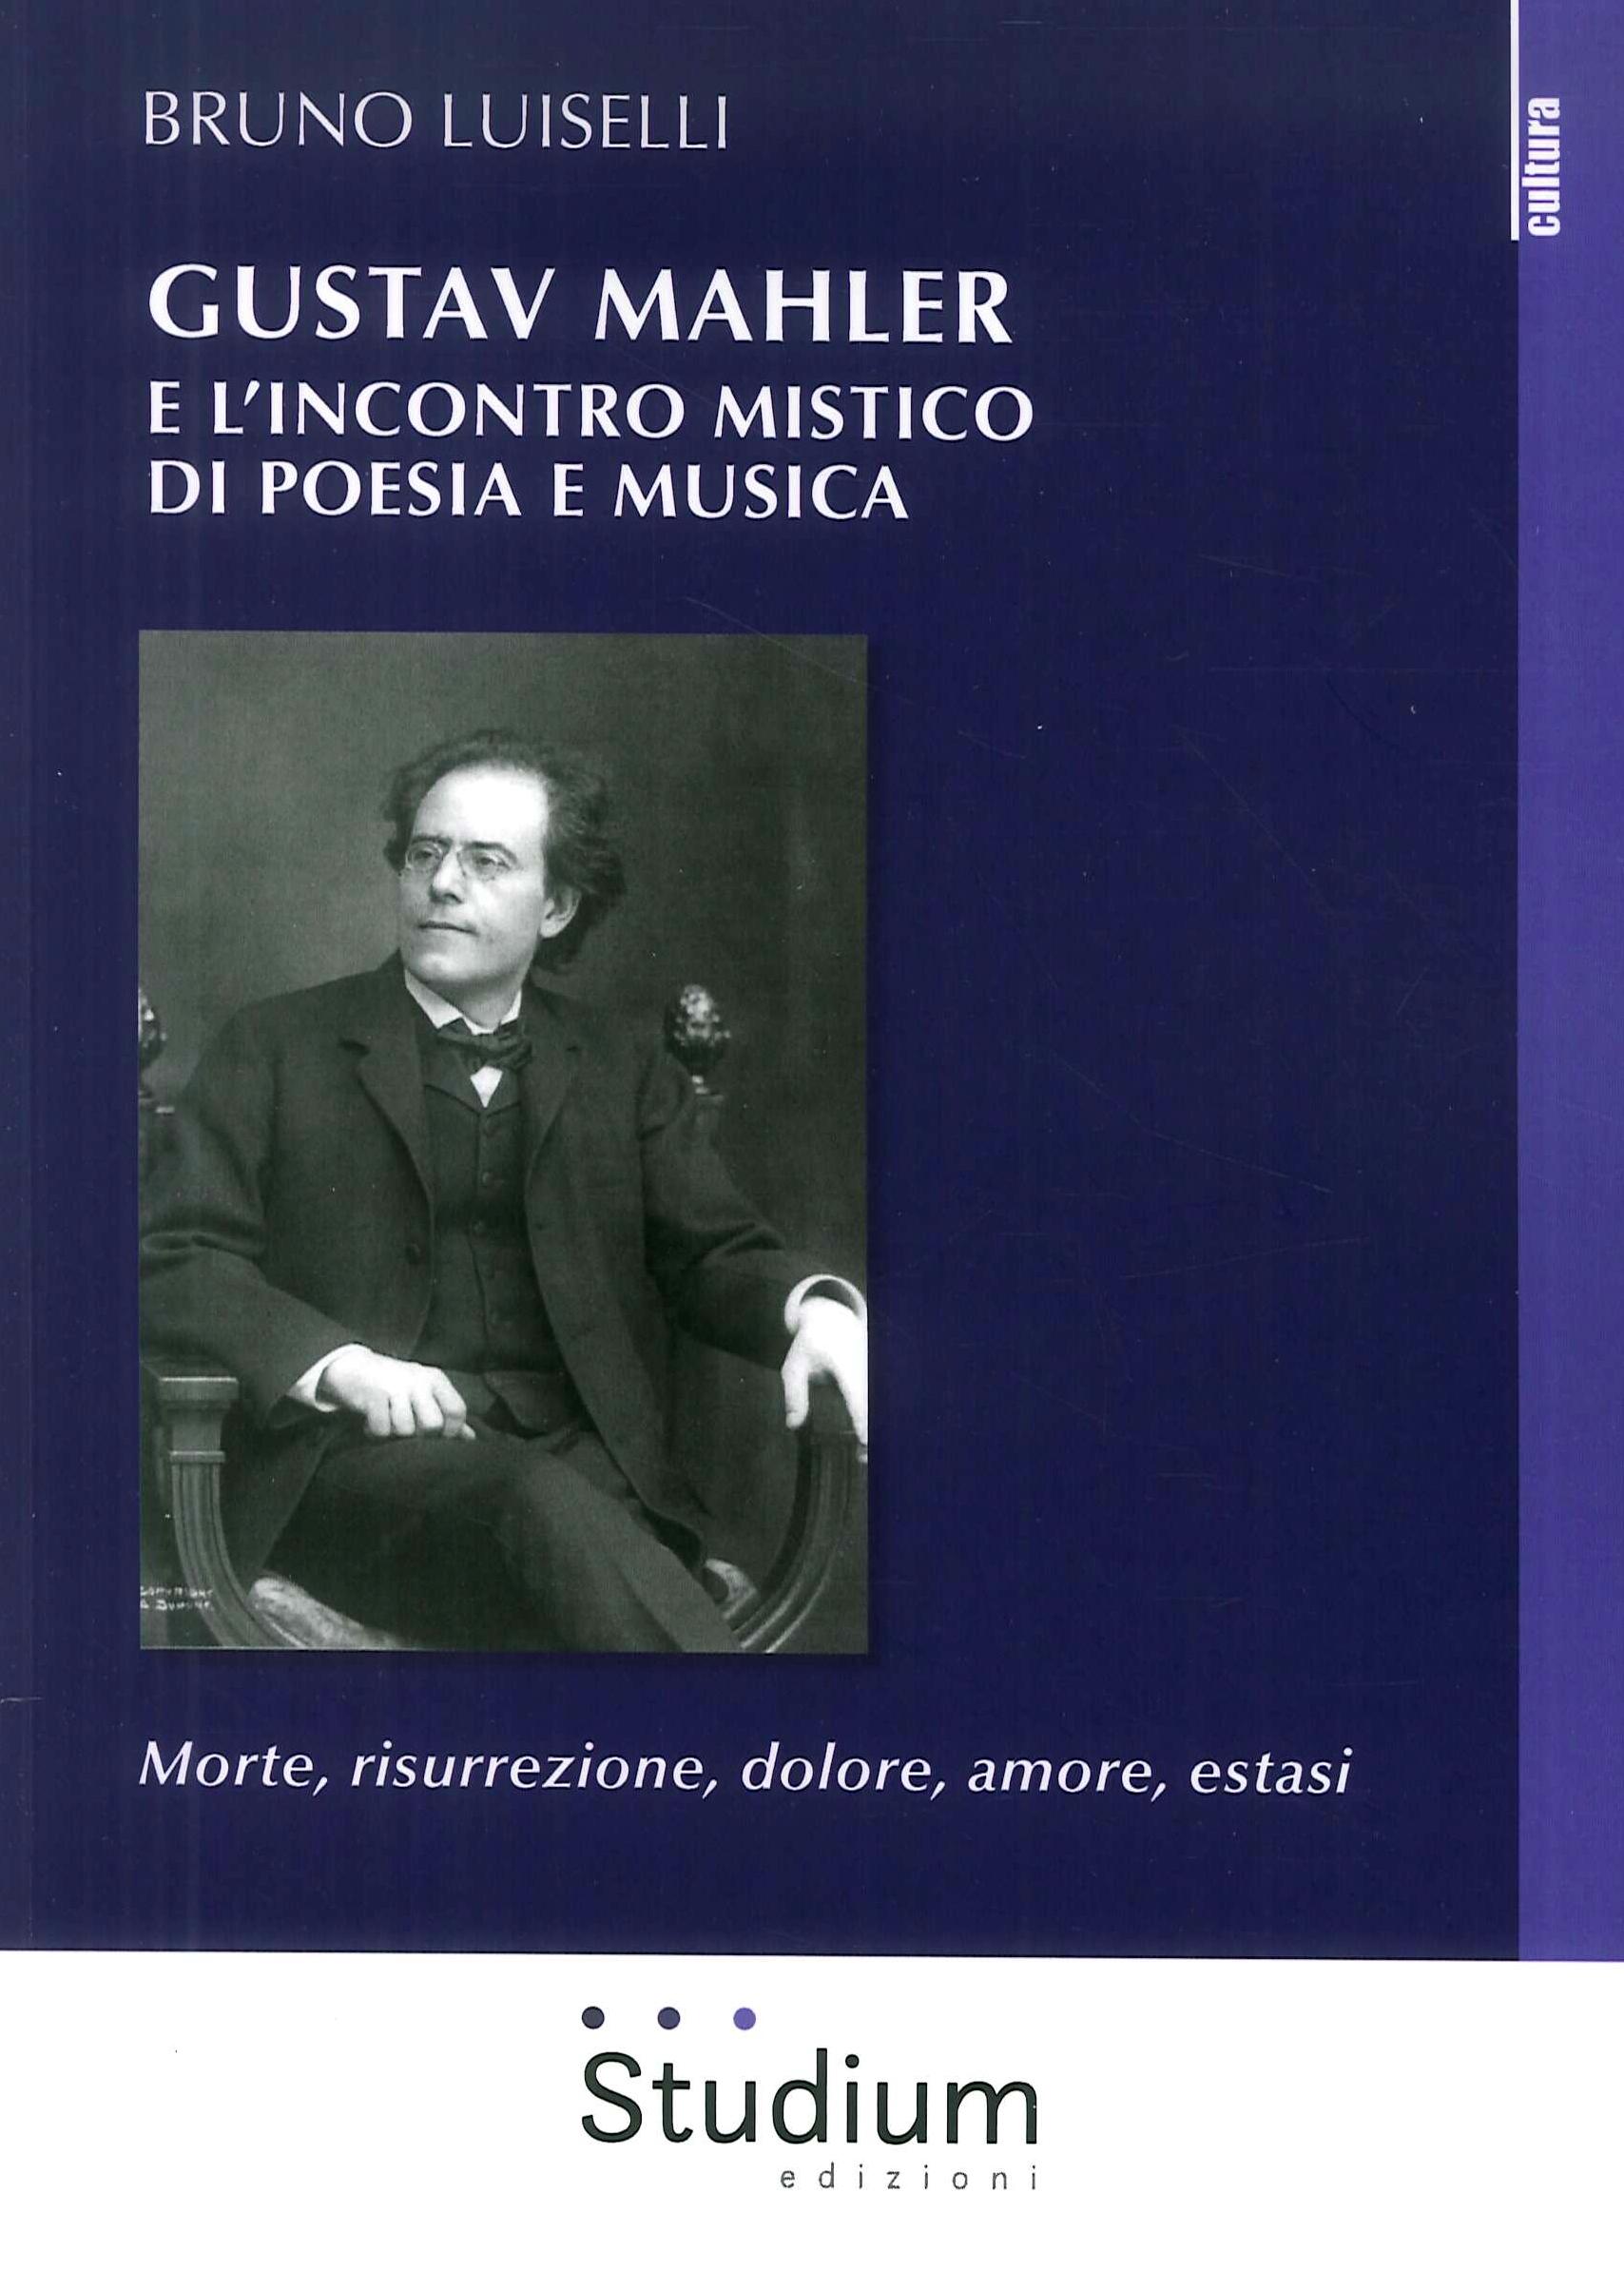 Gustav Mahler e l'incontro mistico di poesia e musica. Morte, risurrezione, dolore, amore, estasi